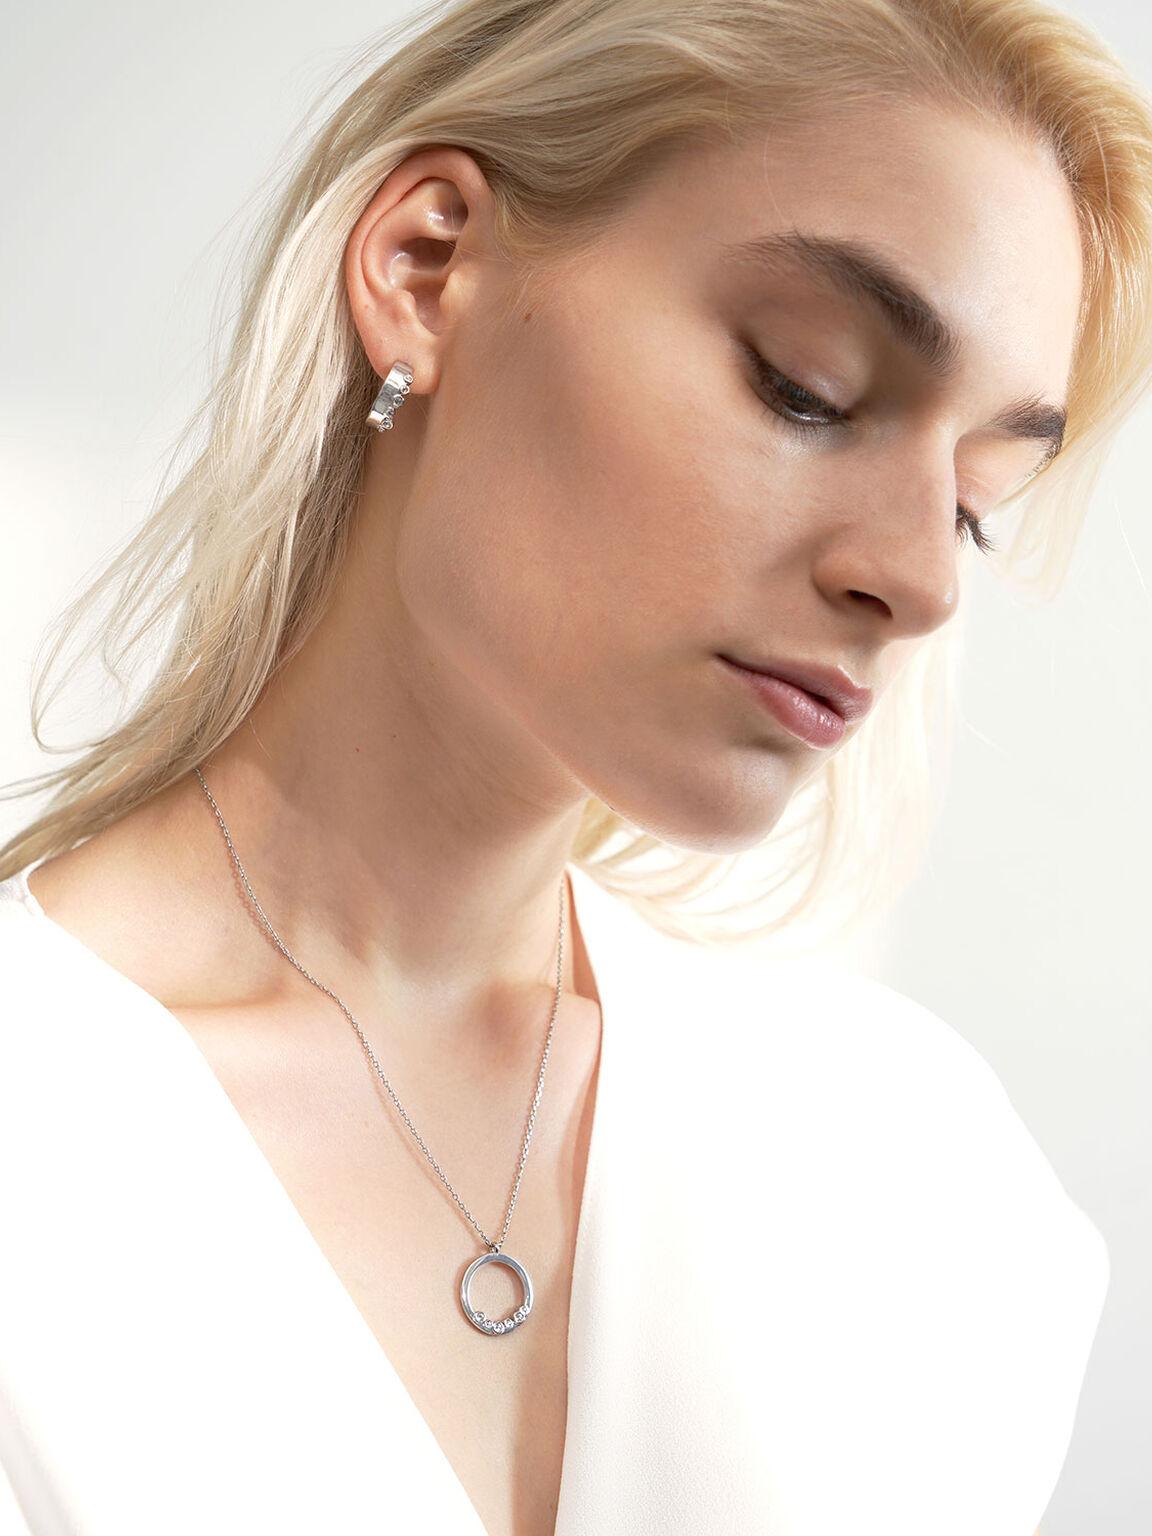 Swarovski® Crystal Studded Pendant Necklace, Silver, hi-res